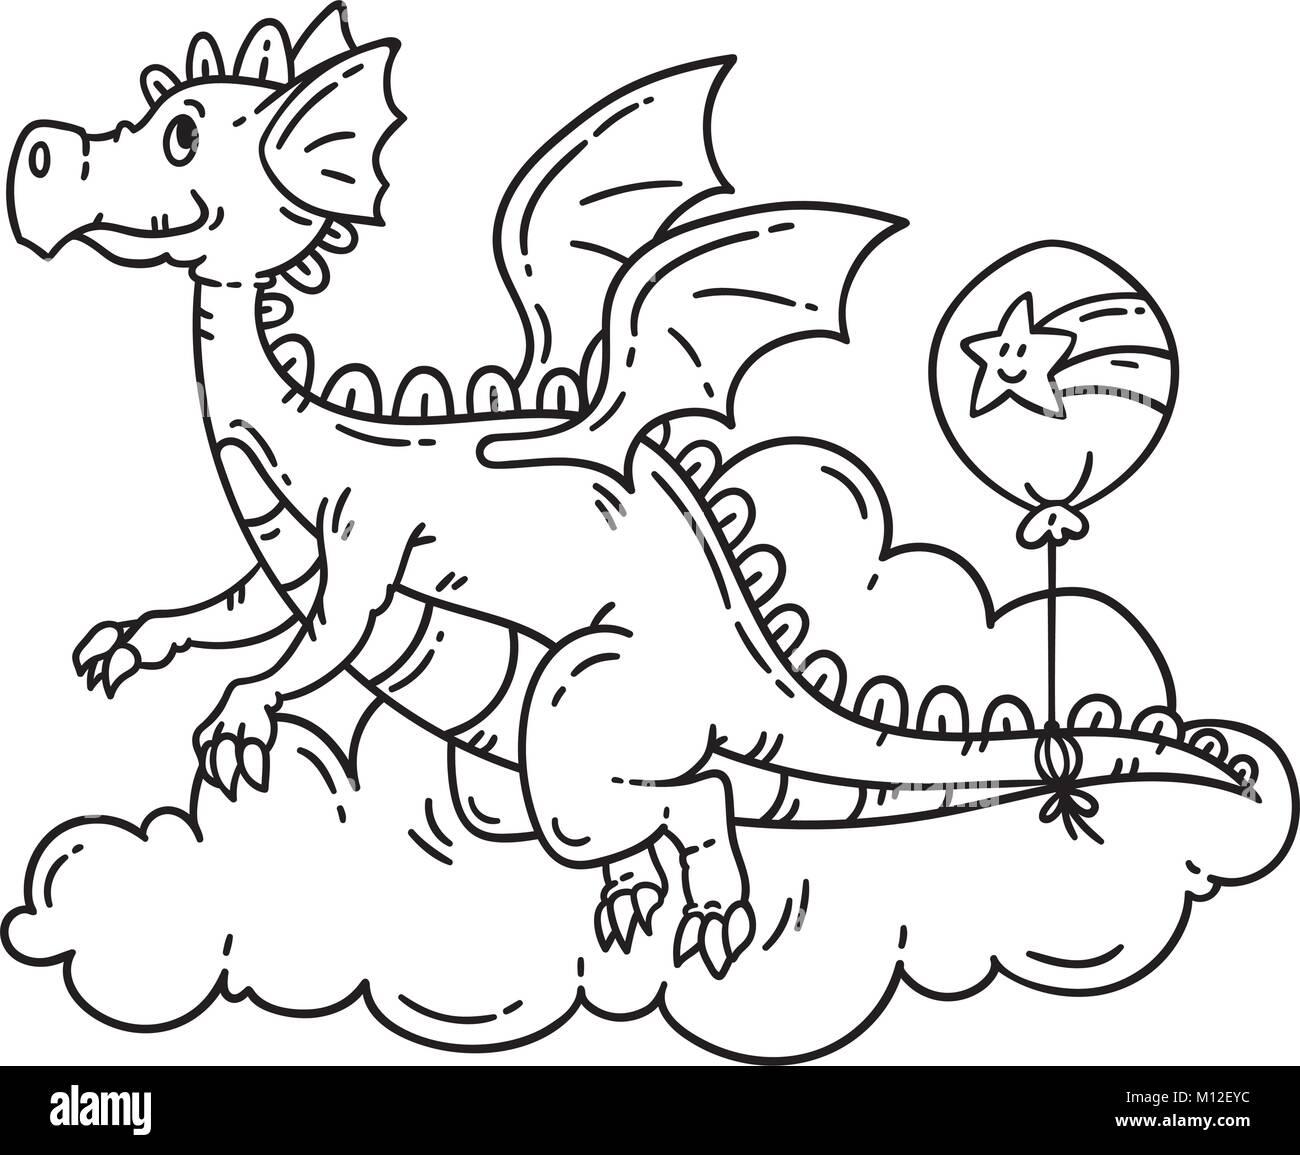 Caricatura Flying Dragon. Los objetos aislados sobre fondo blanco ...